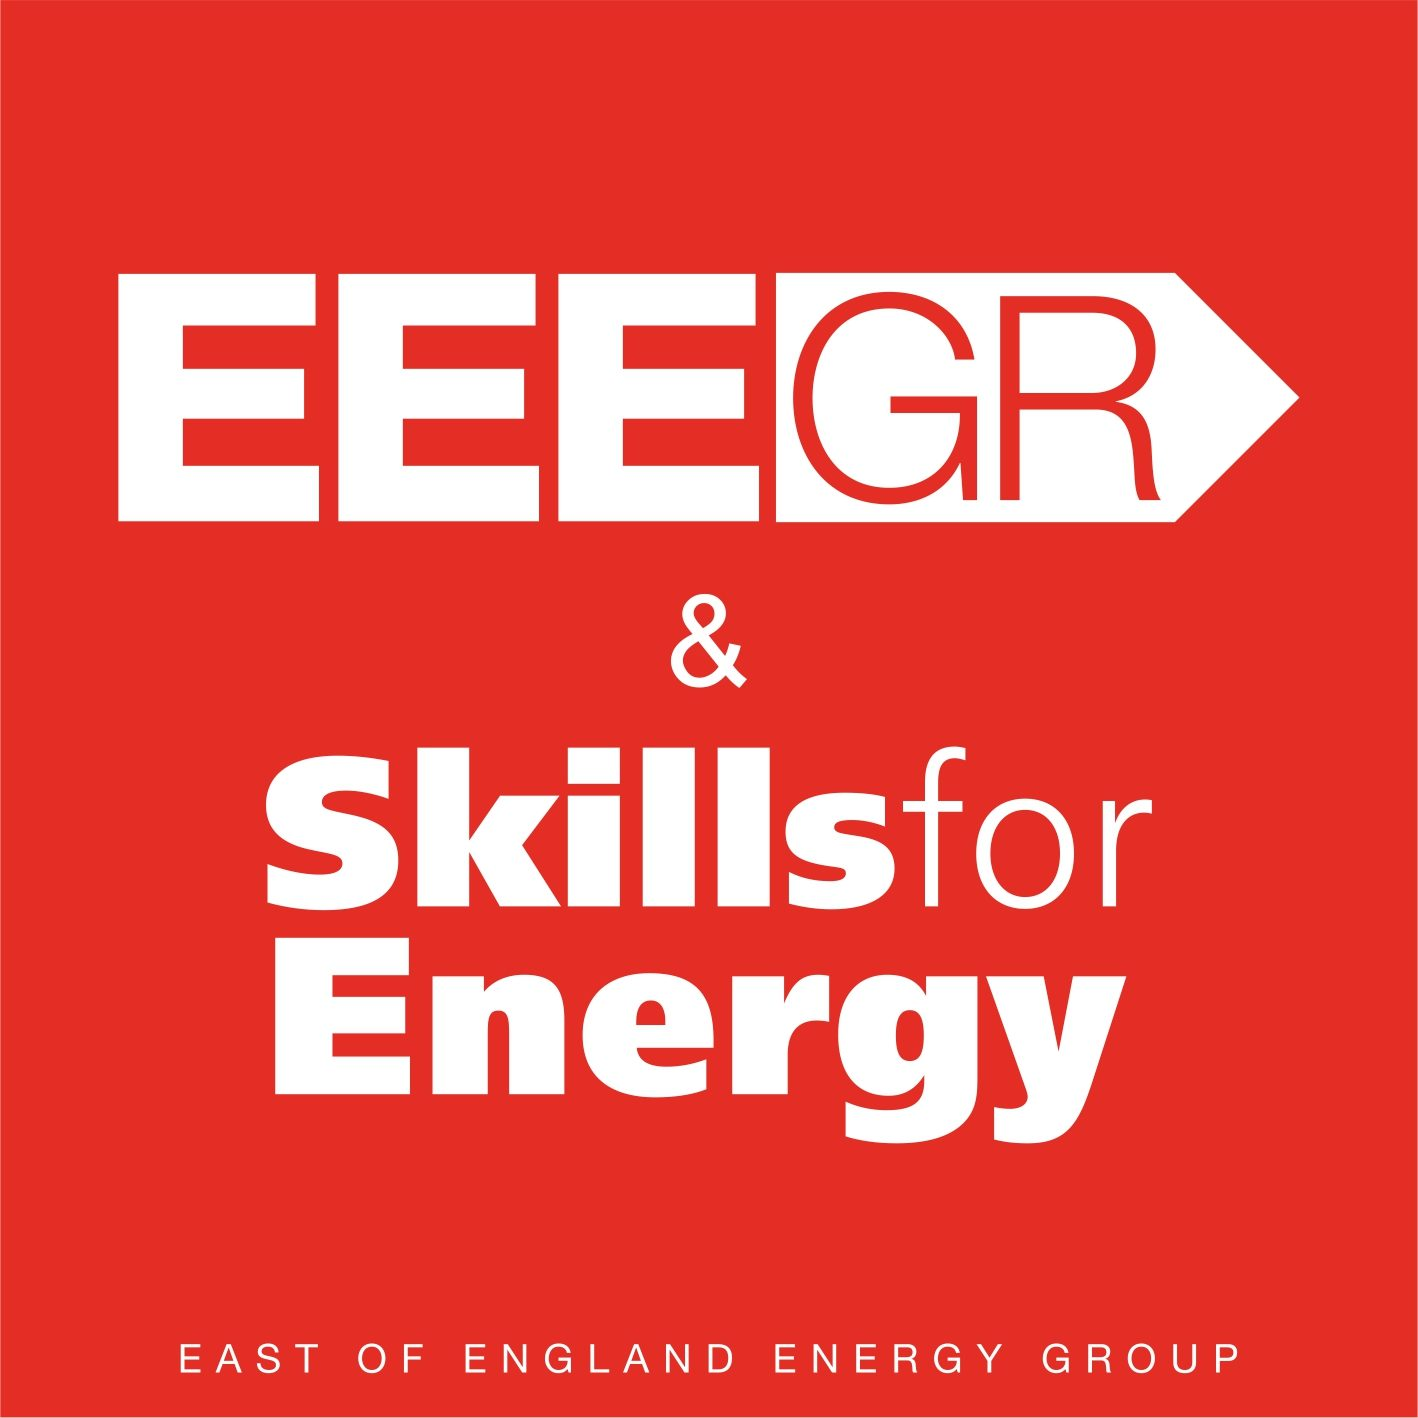 Company logo (EEEGR)